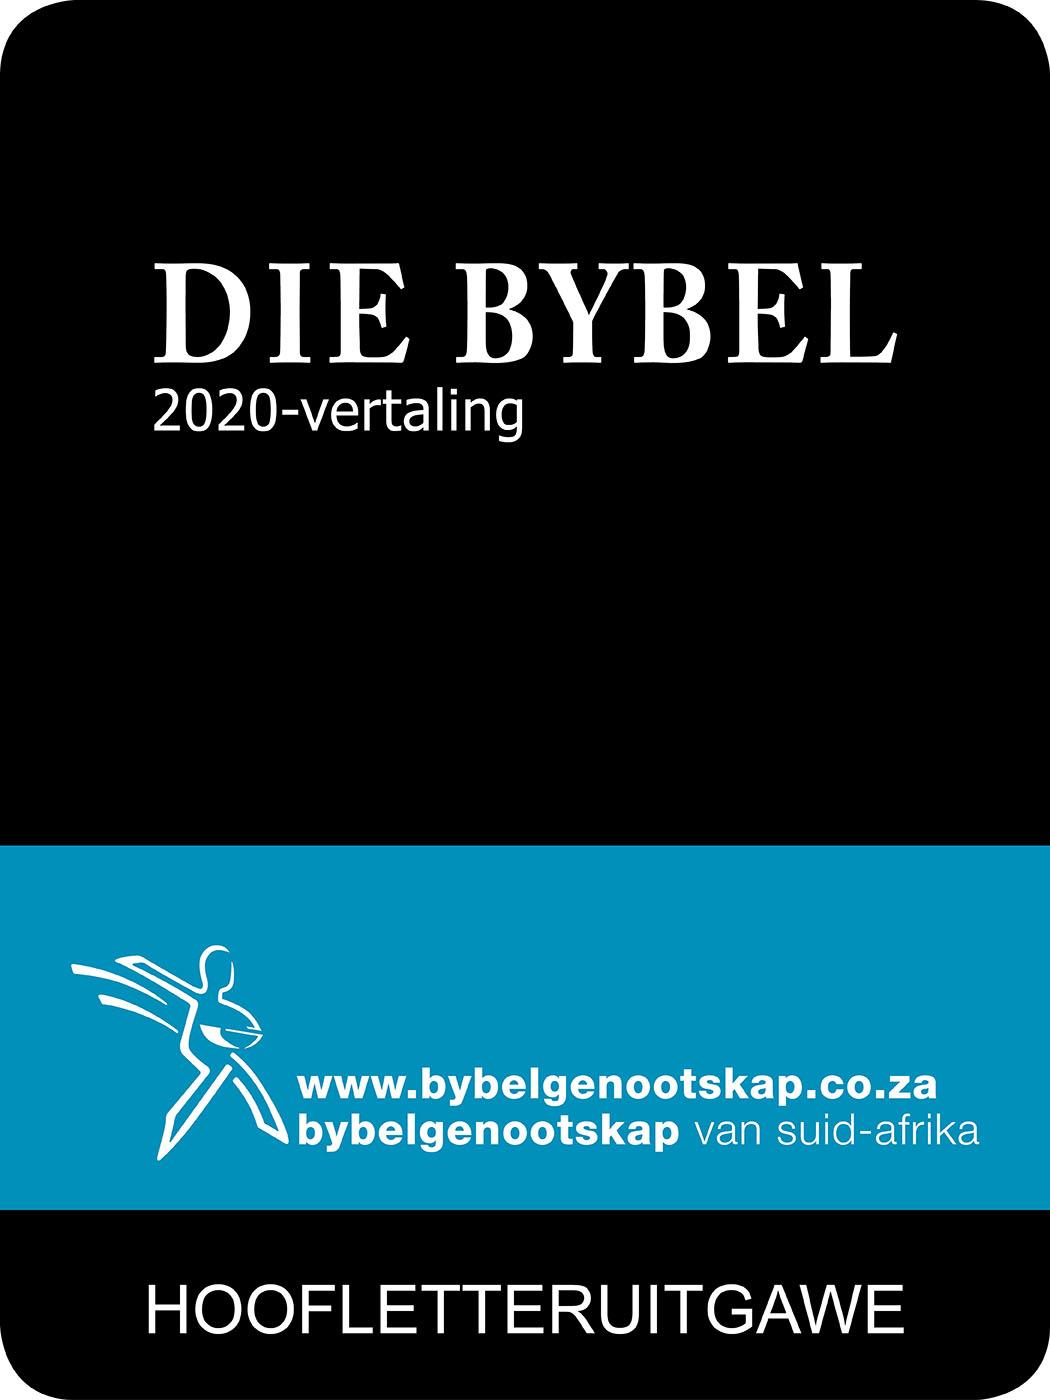 Die Bybel 2020-vertaling: HOOFLETTERUITGAWE